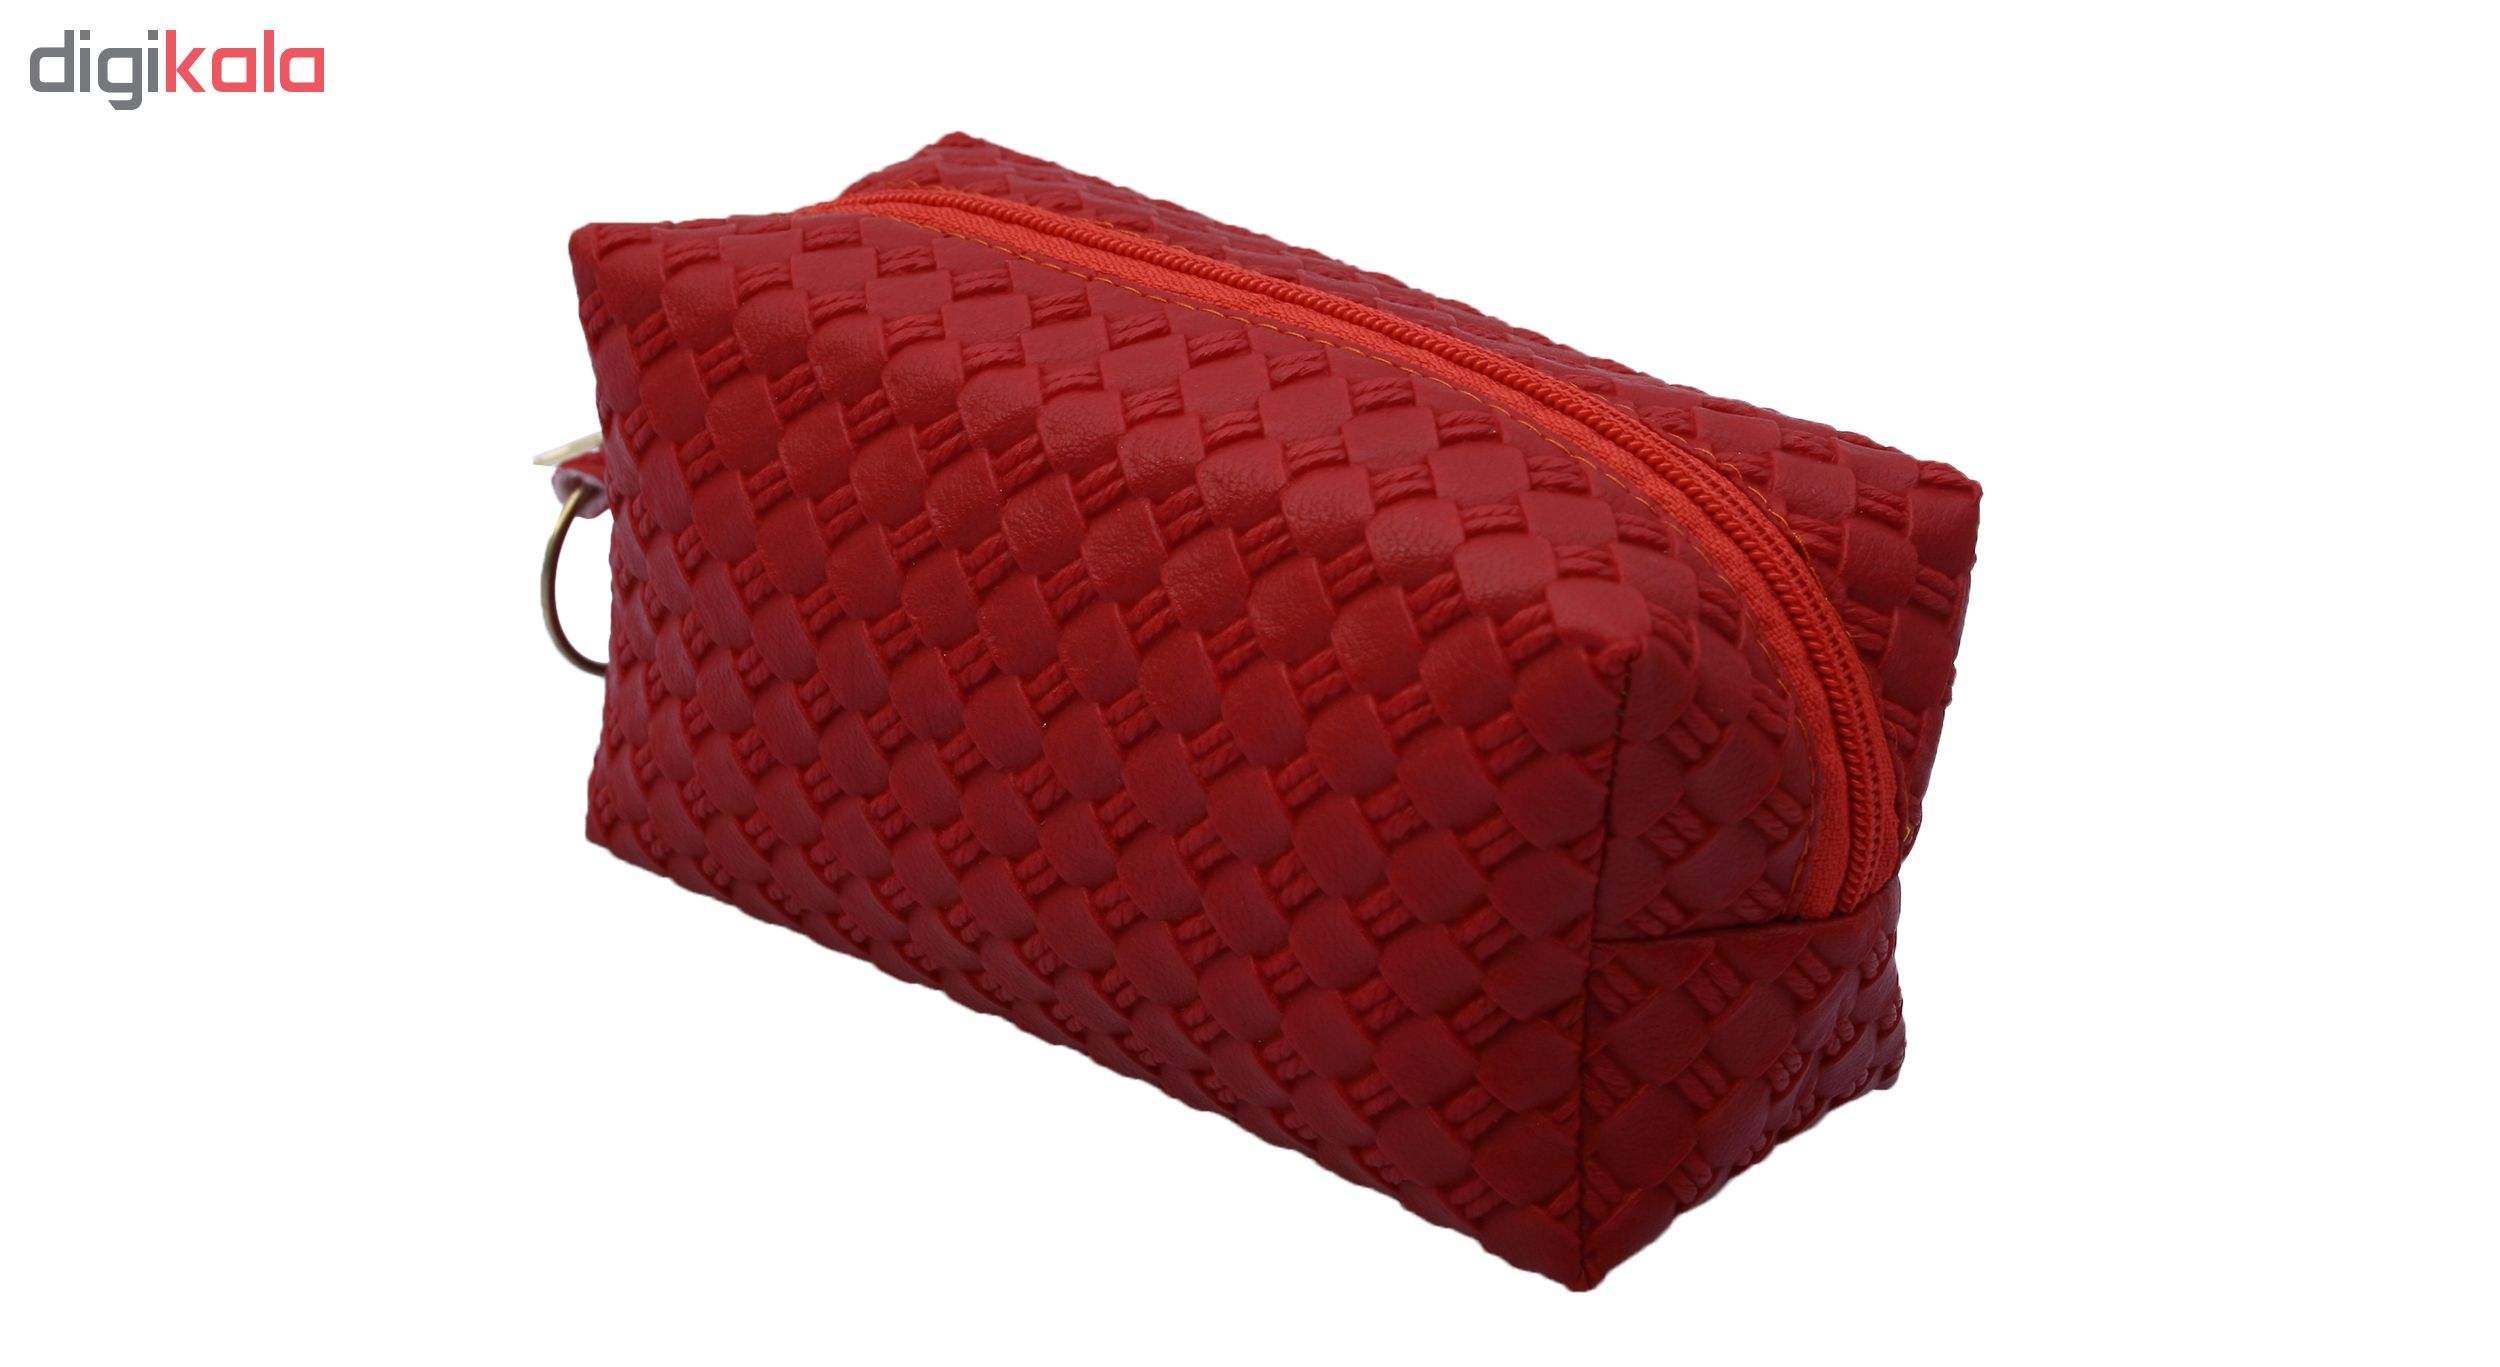 کیف لوازم آرایش کد GT0103 main 1 12